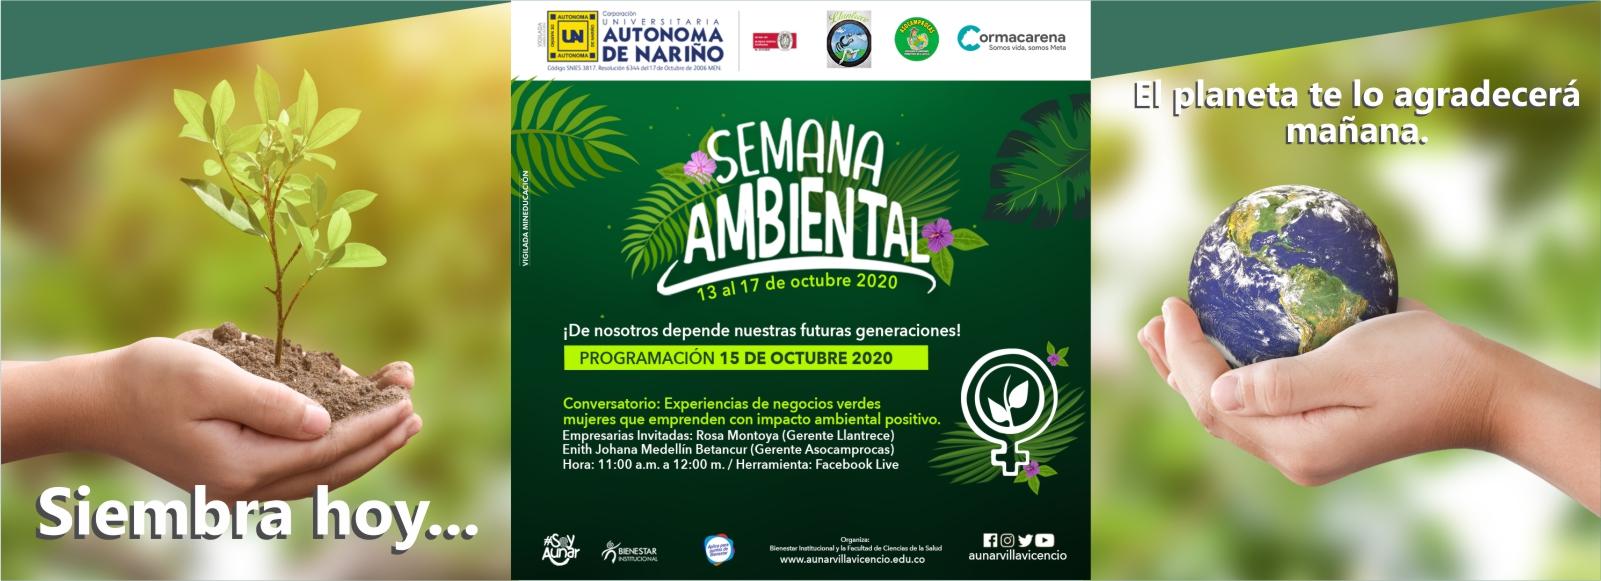 Semana ambiental Aunar